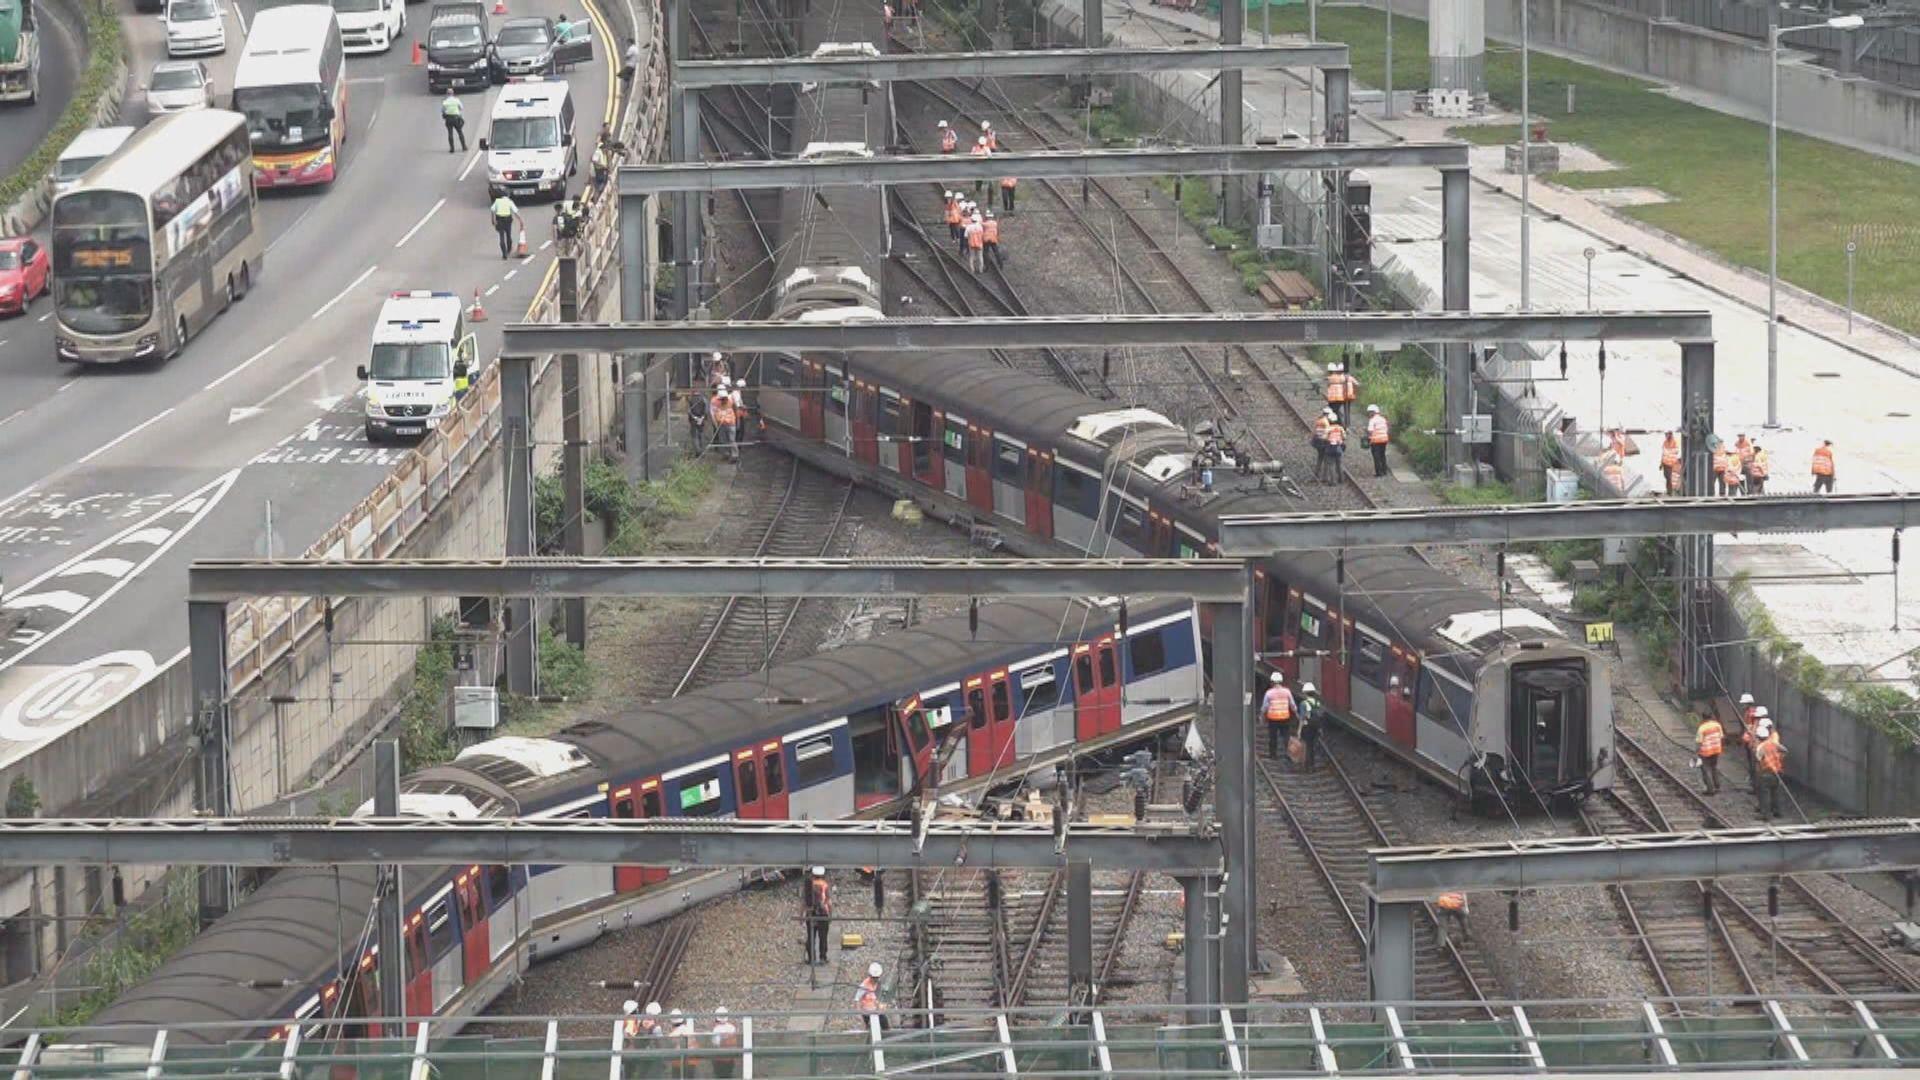 紅磡站出軌事故 港鐵︰調查工作仍在進行